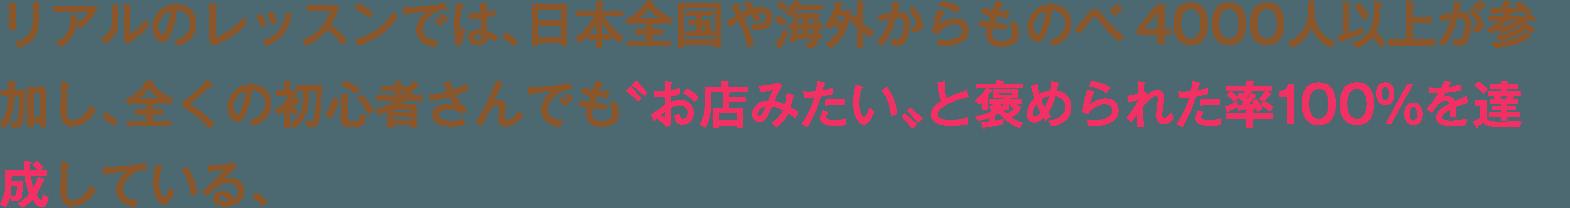 リアルのレッスンでは、日本全国や海外からものべ4000人以上が参加し、全くの初心者さんでも〝お店みたい〟と褒められた率100%を達成している、